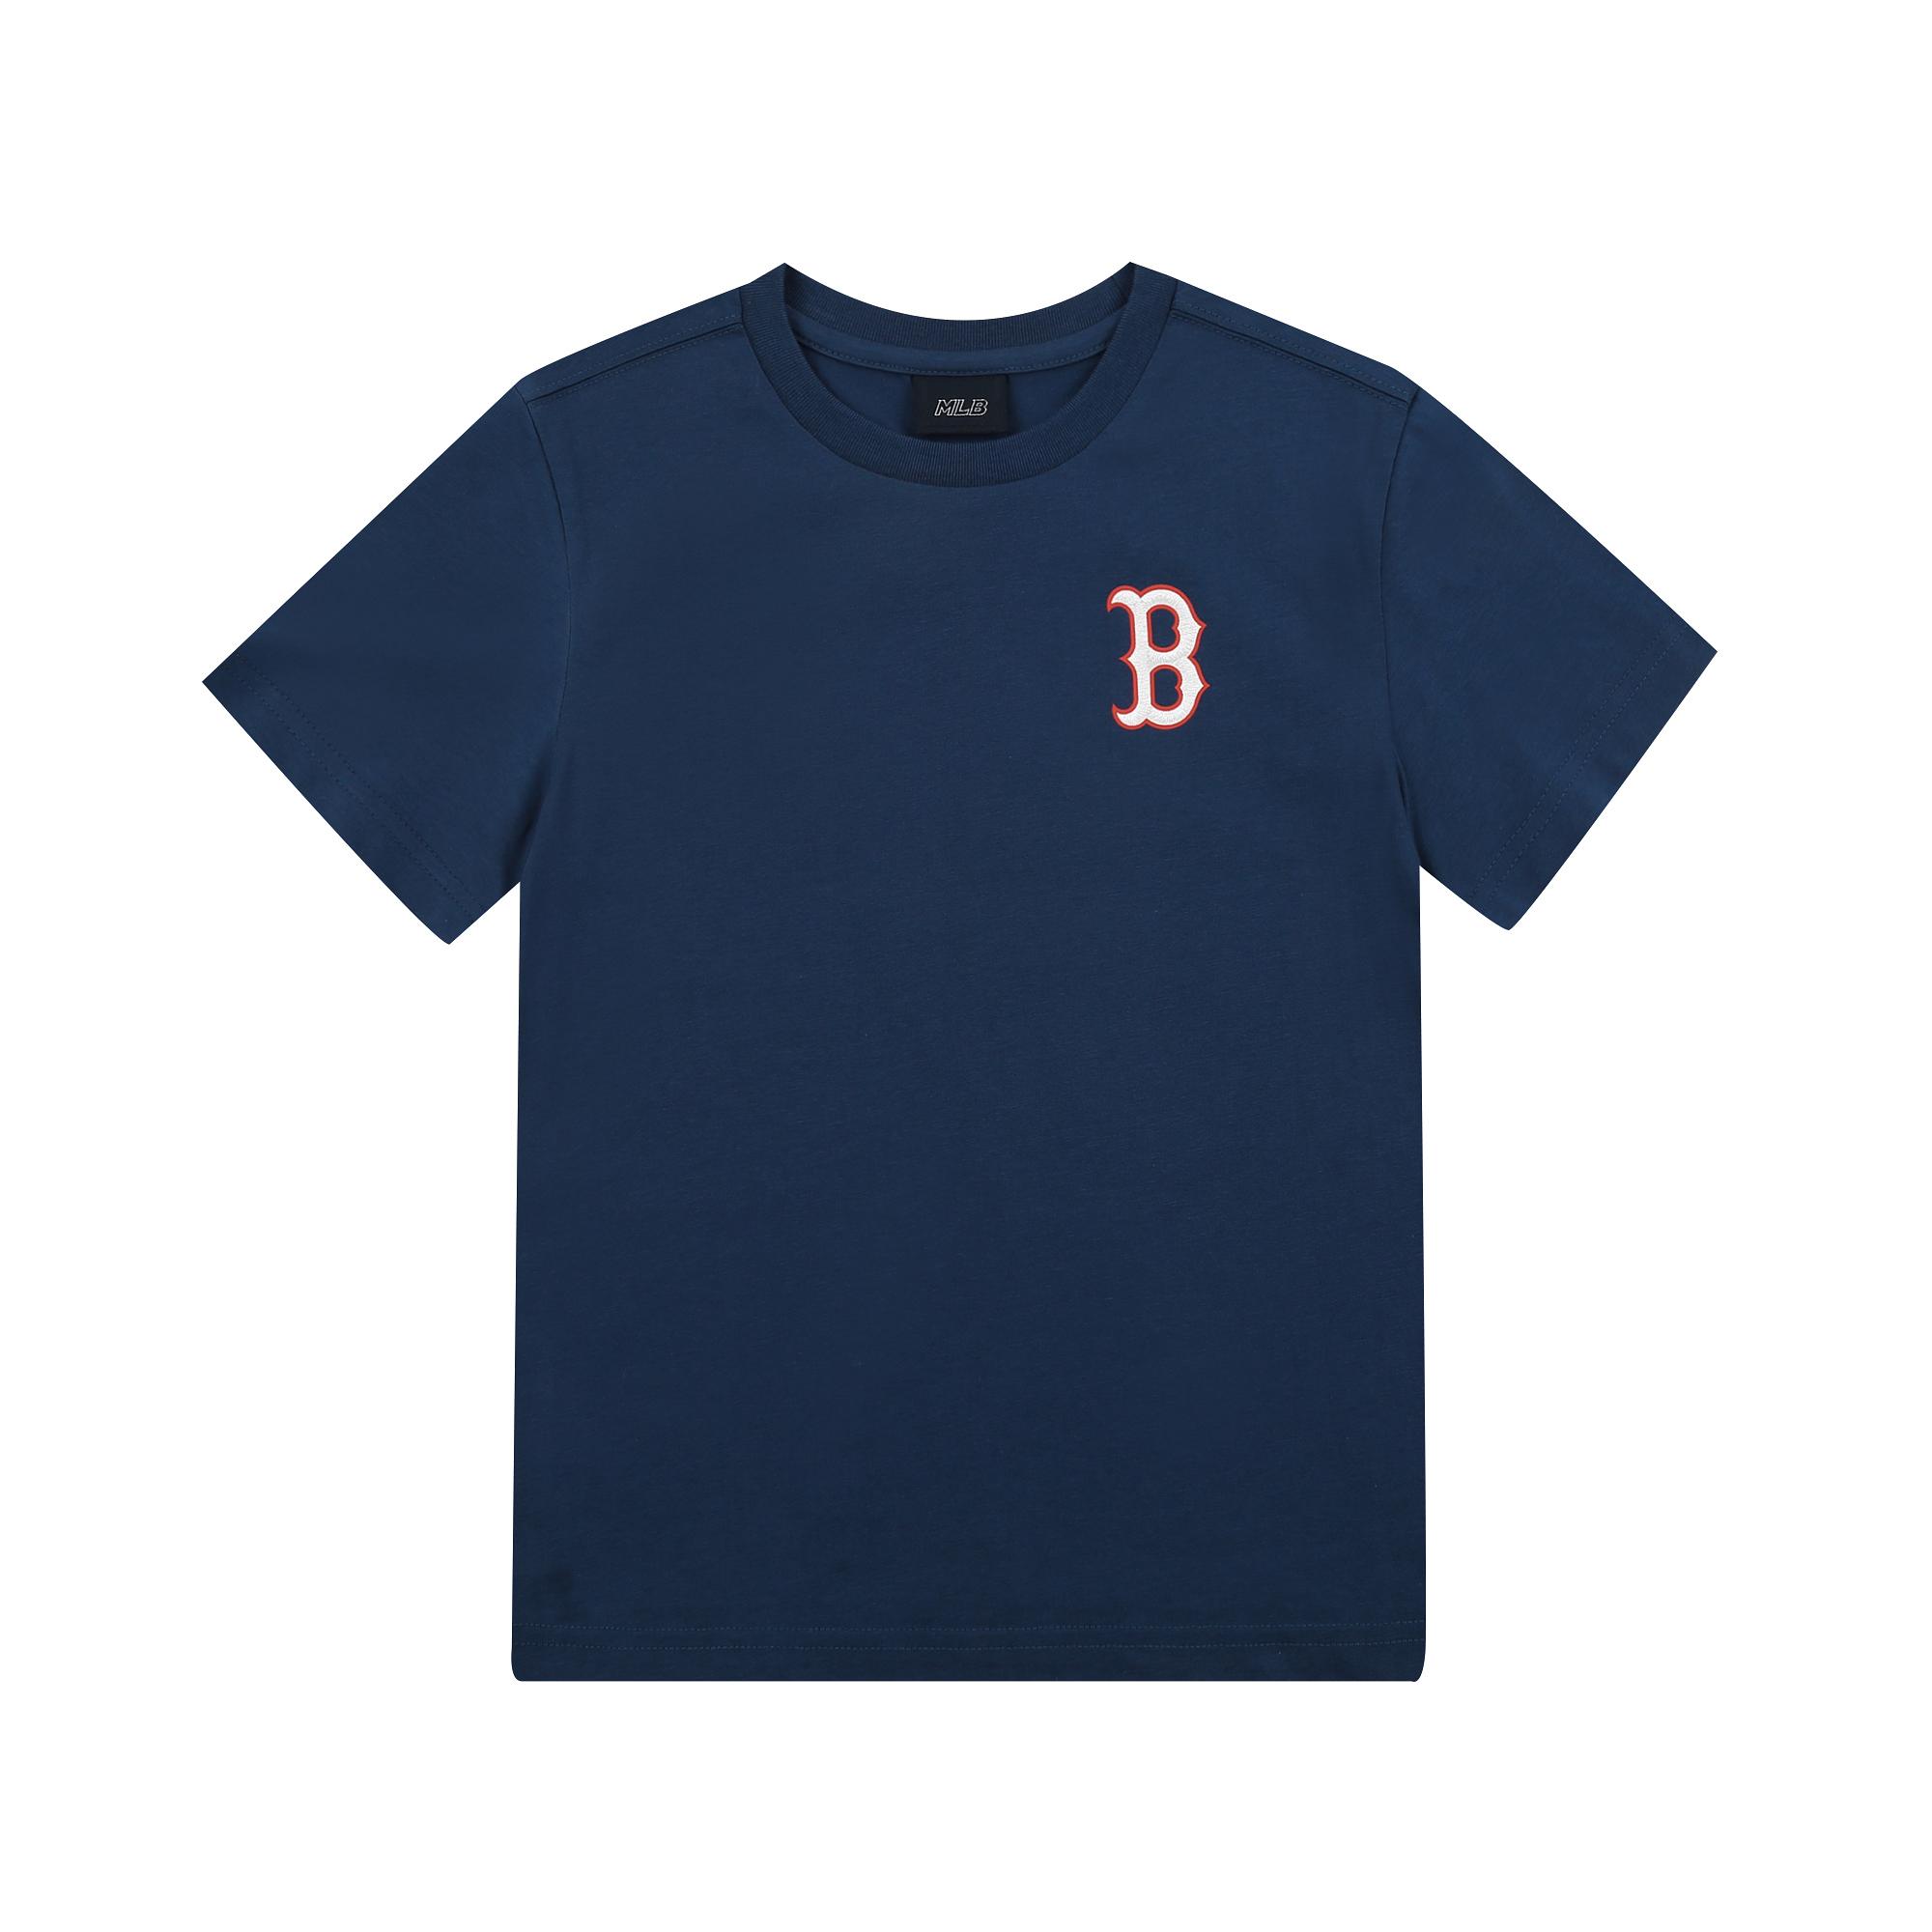 패밀리 프린트로고 티셔츠 보스턴 레드삭스